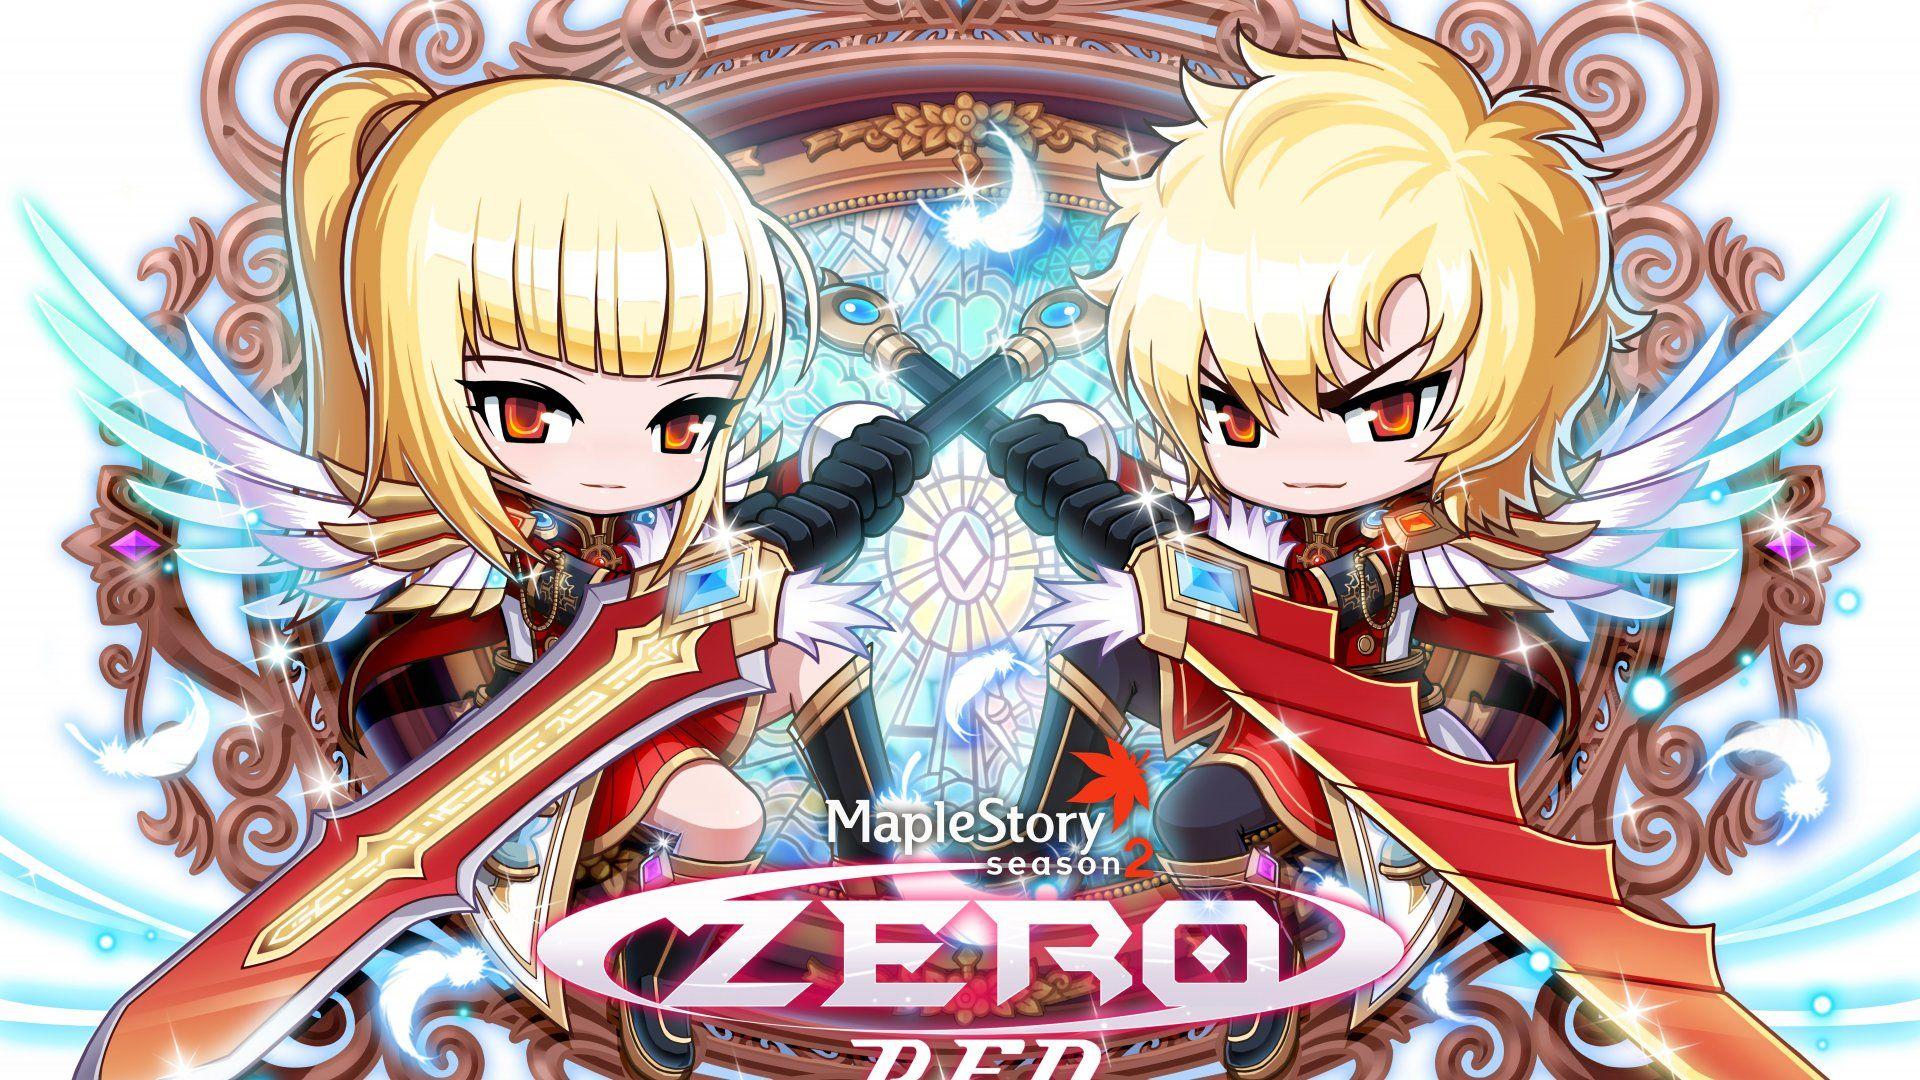 Anime chibi image by John Register on Maplestory 2